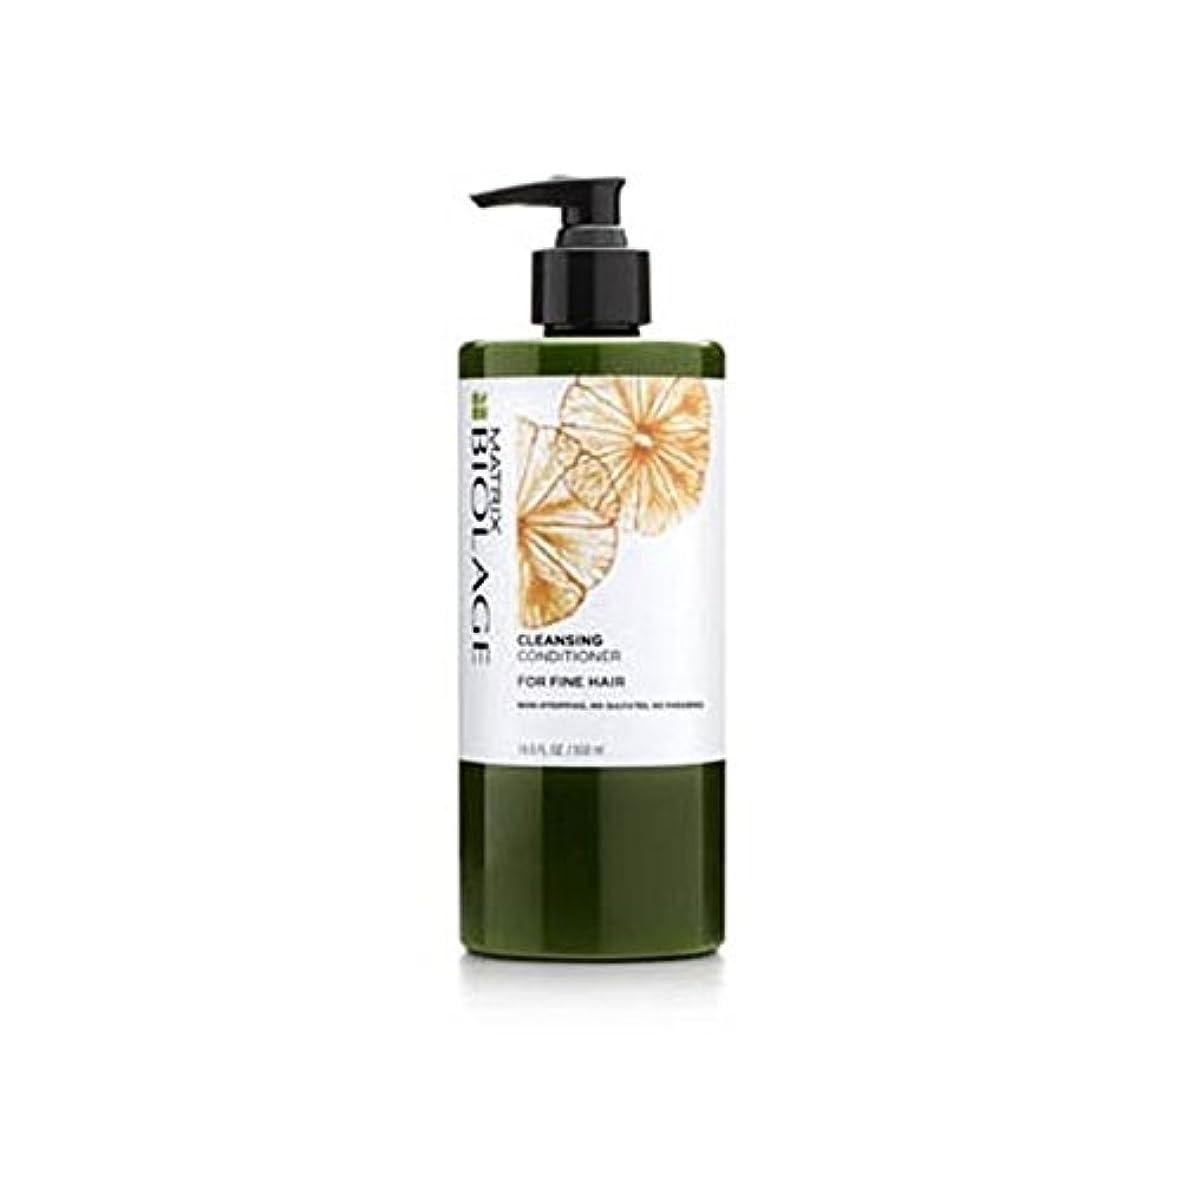 ライトニング三彼女Matrix Biolage Cleansing Conditioner - Fine Hair (500ml) (Pack of 6) - マトリックスバイオレイジクレンジングコンディショナー - 細い髪(500ミリリットル...